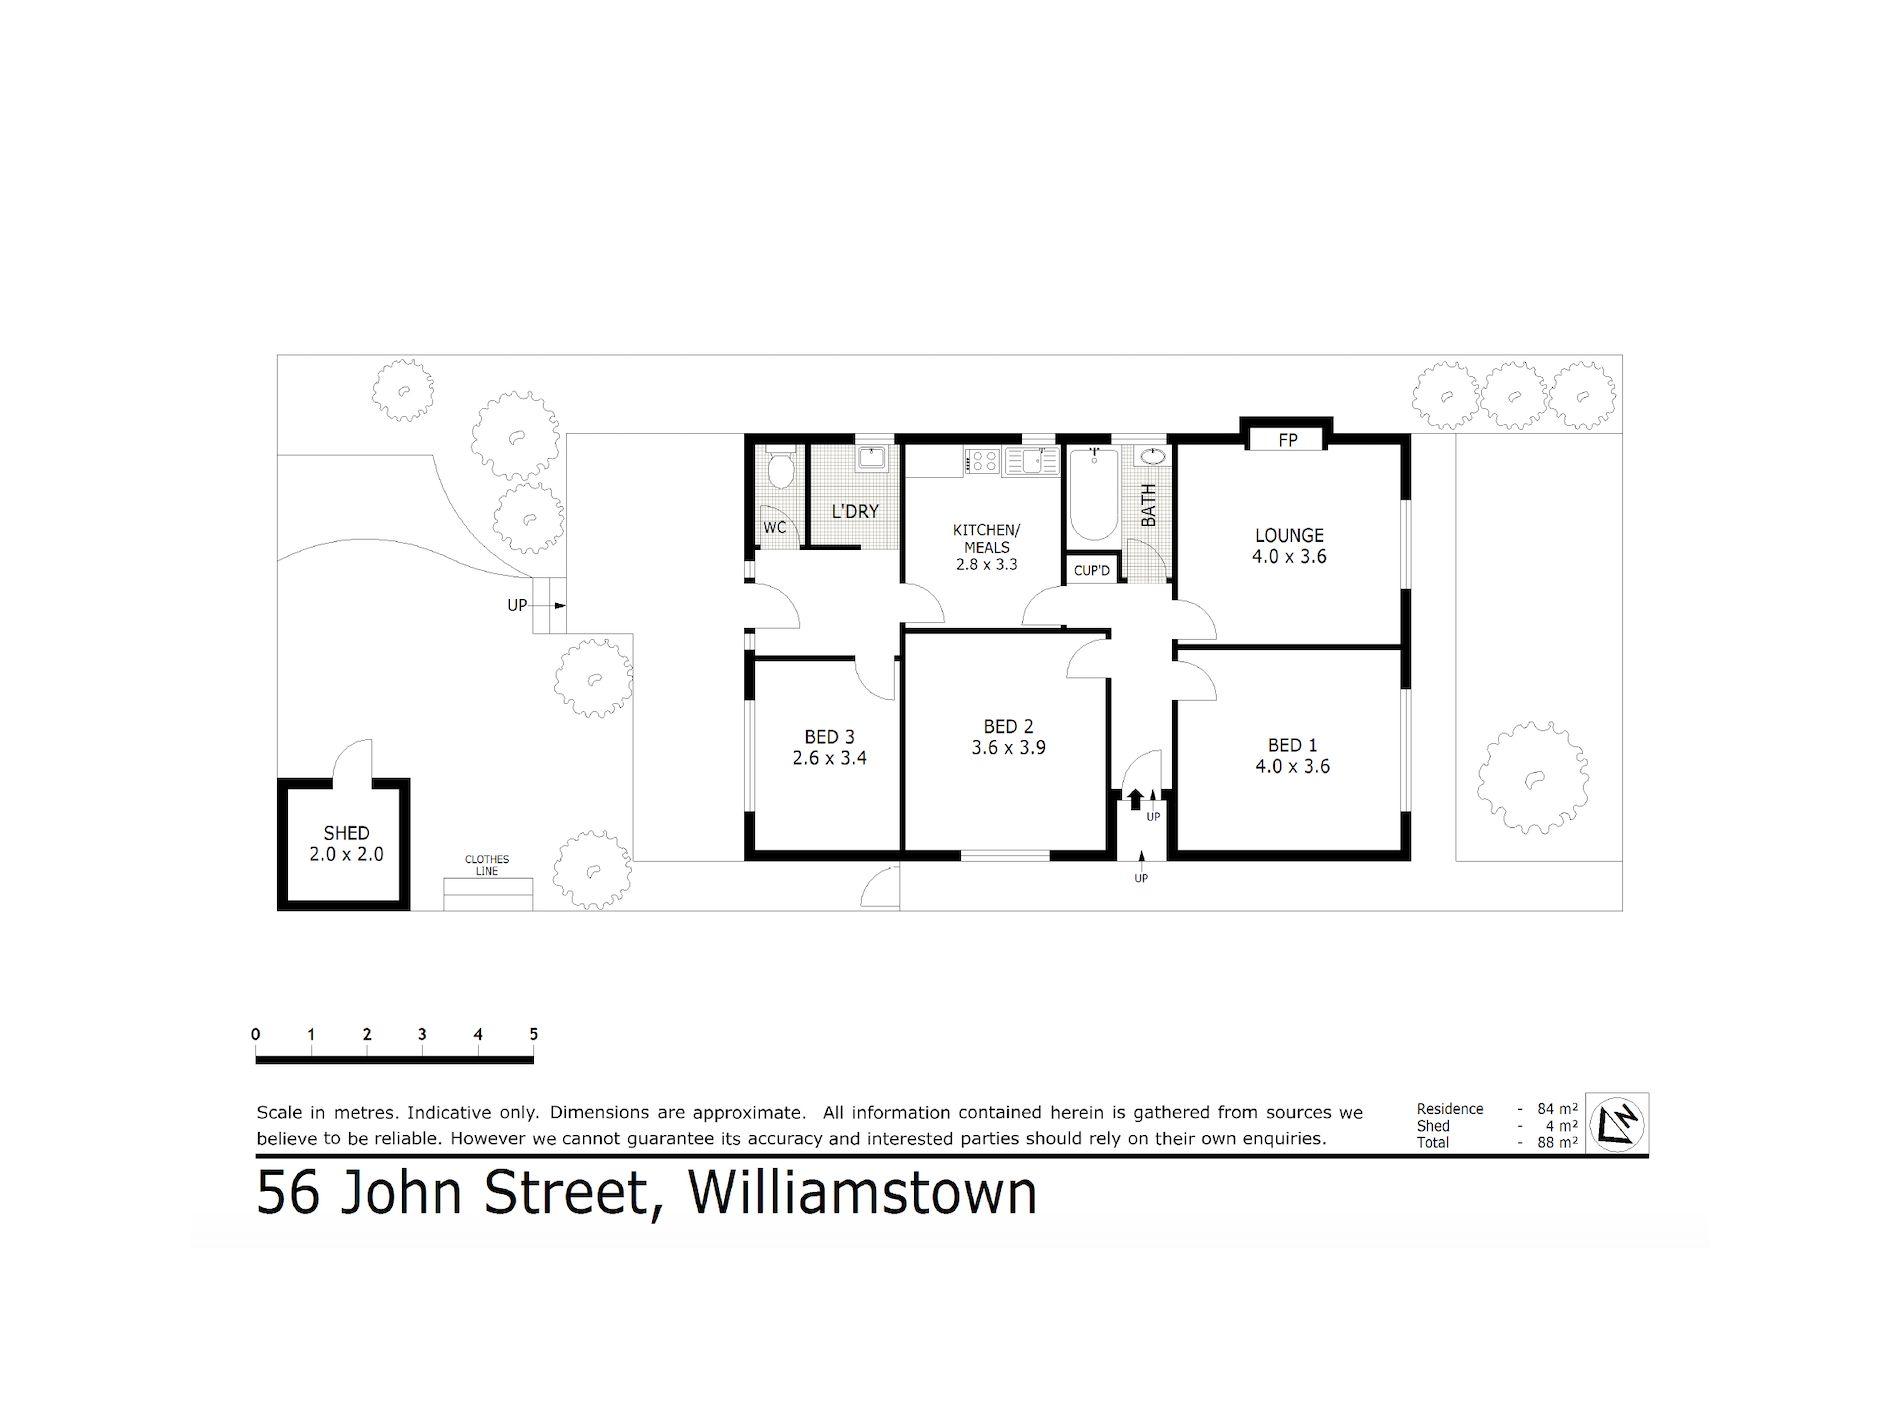 56 John Street, Williamstown